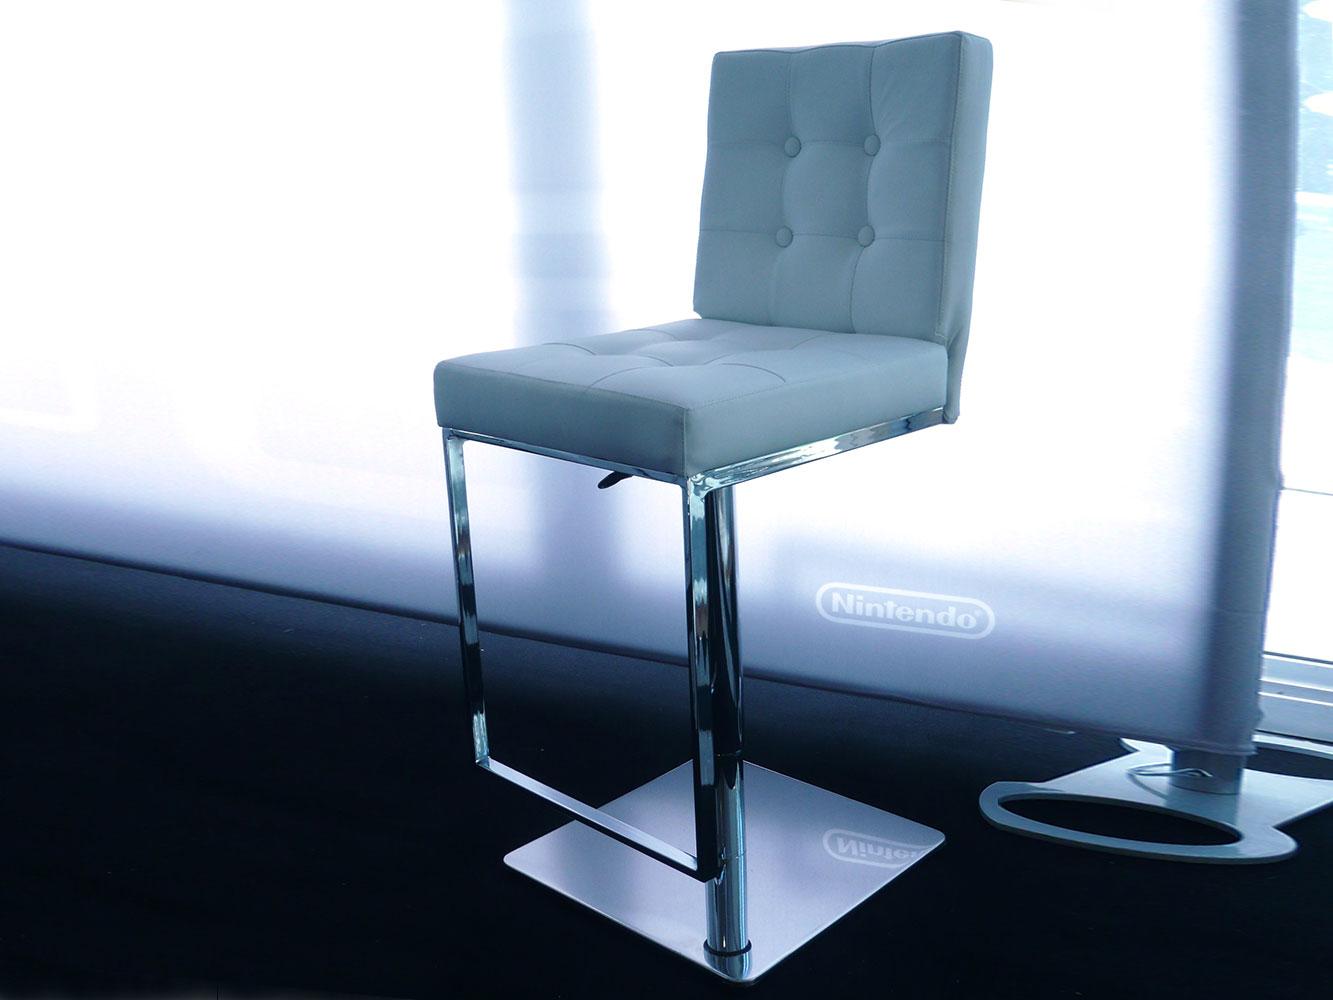 Toronto Bar stool with back